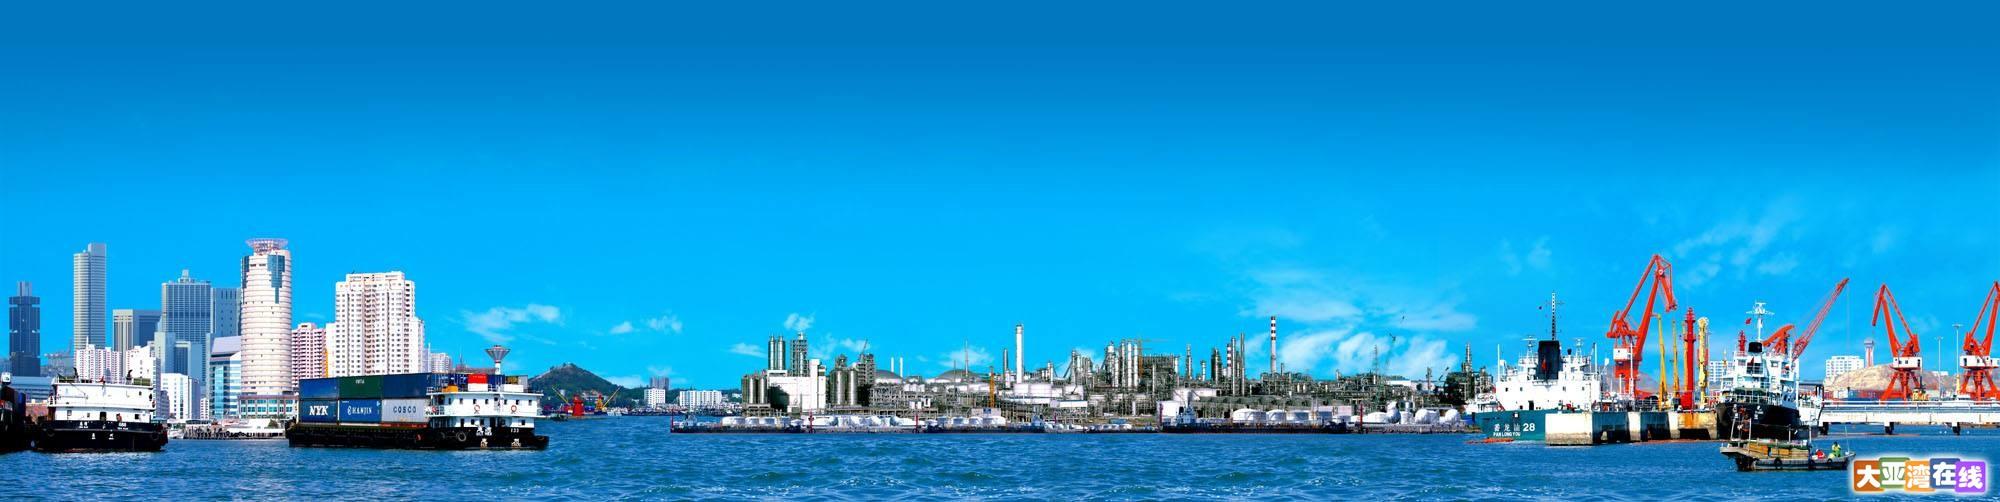 首富考察大亚湾1.jpg